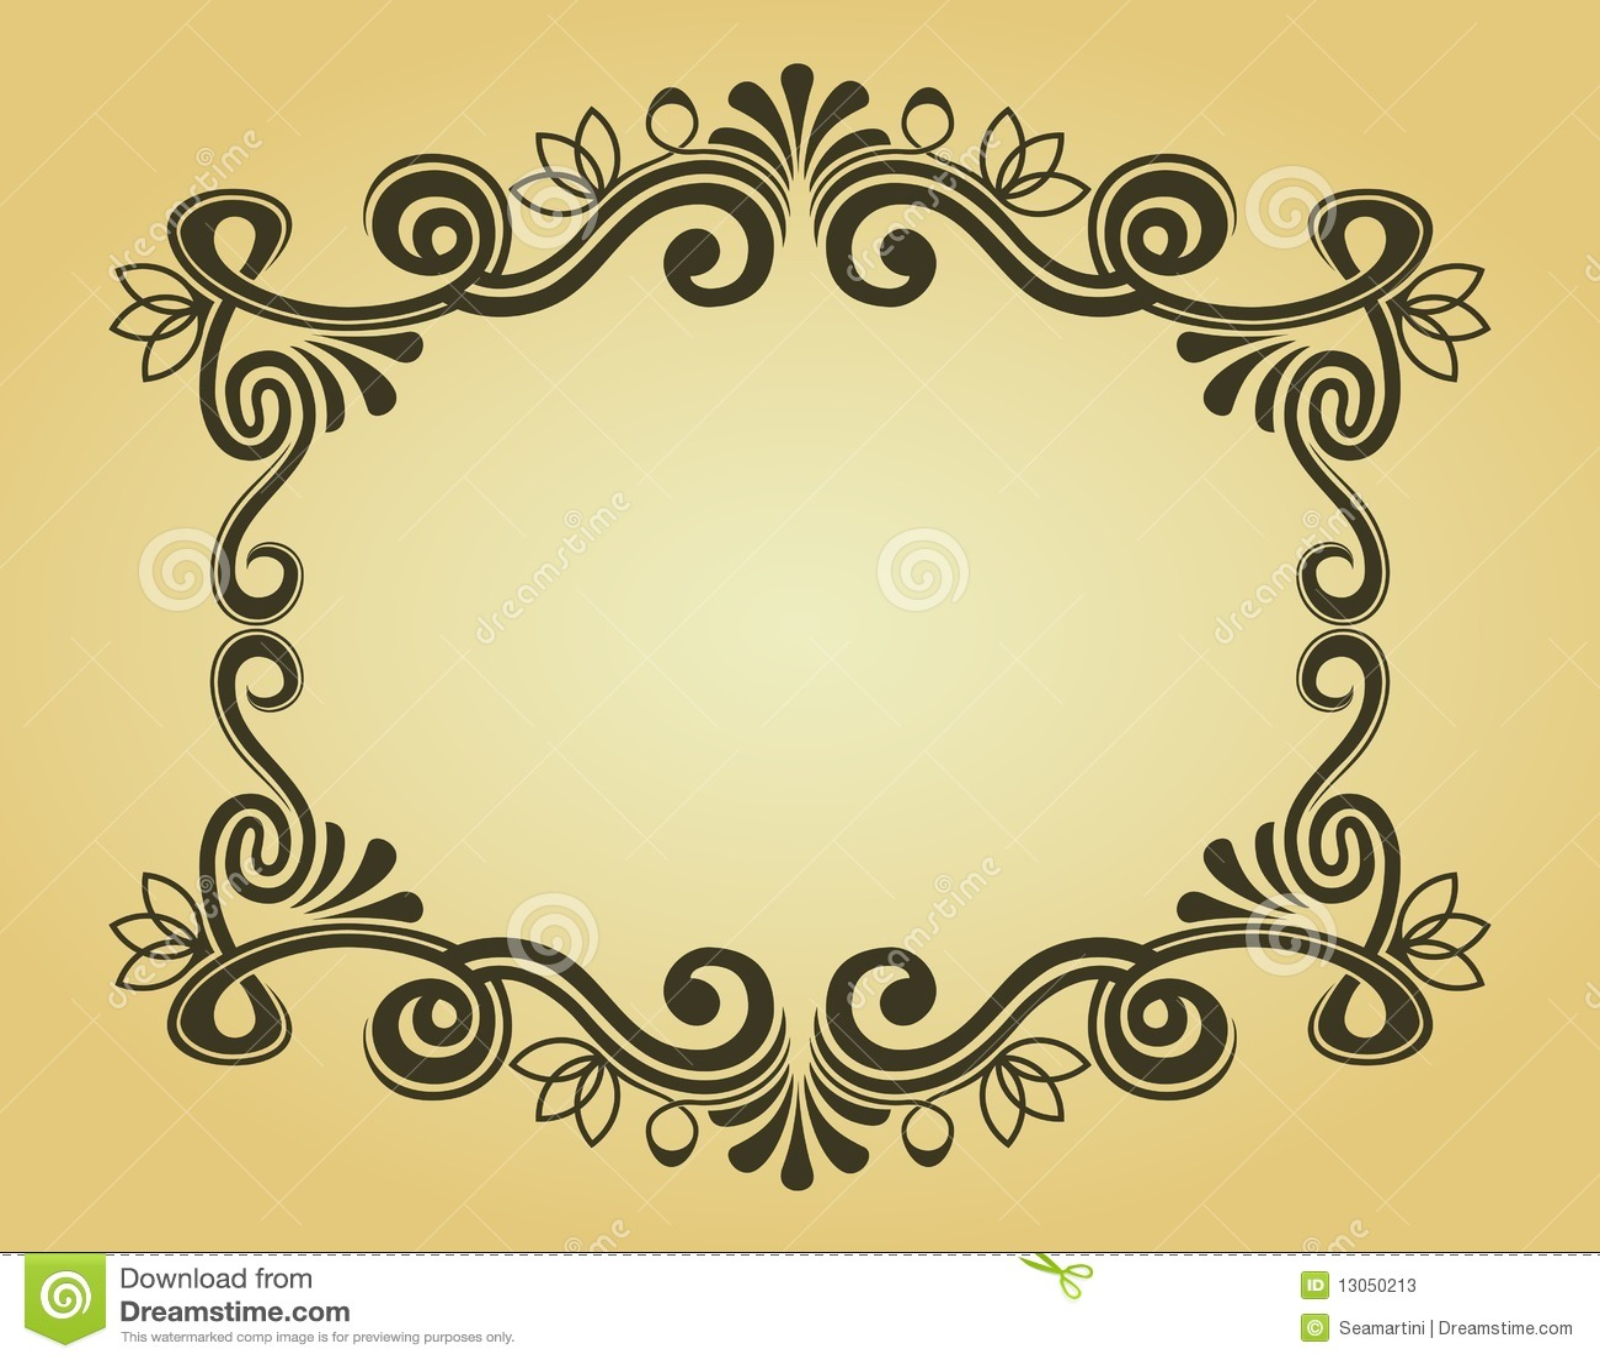 Vintage Frame For Design Stock Photos - Image: 13050213